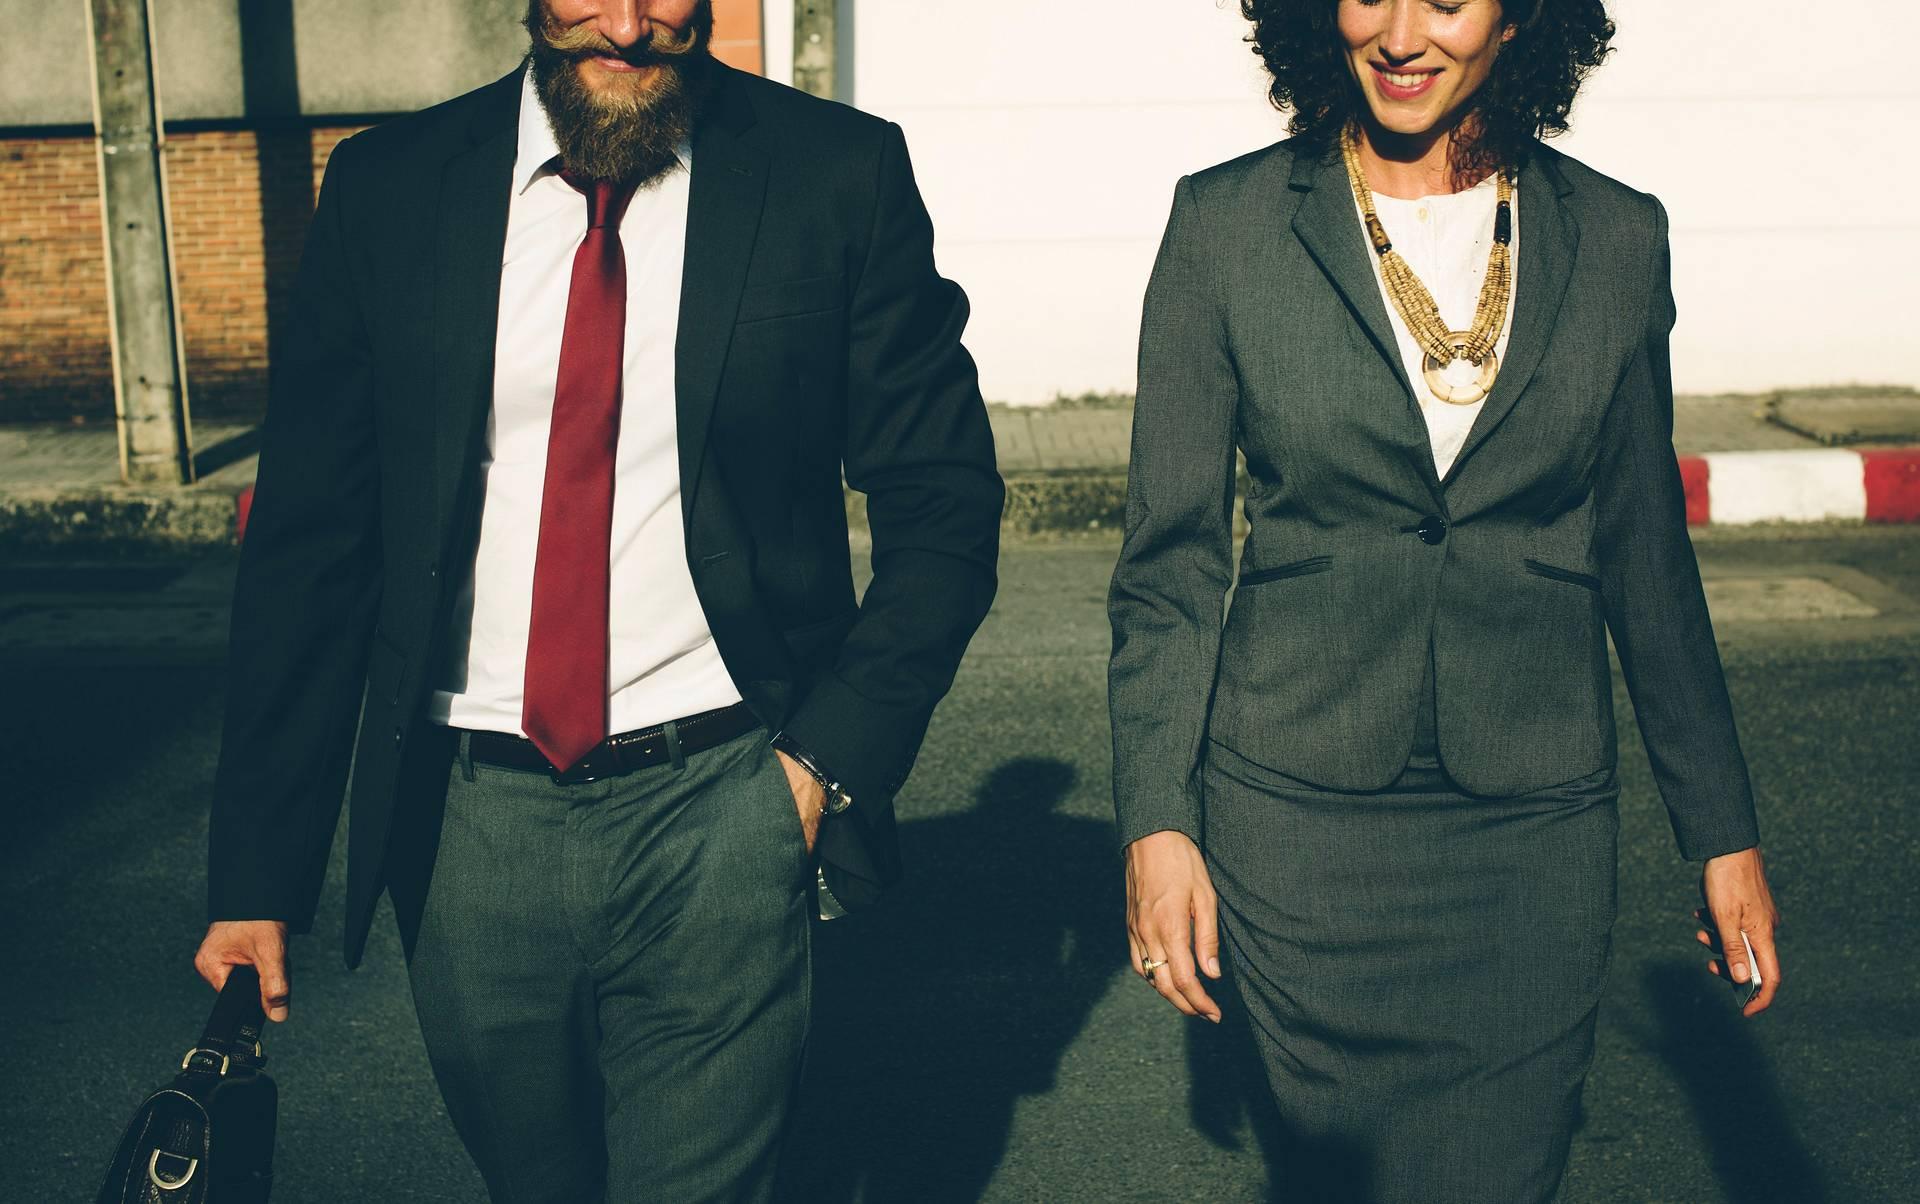 Unsere Kleidung verändert die Art und Weise, in der wir denken (c) rawpixel.com